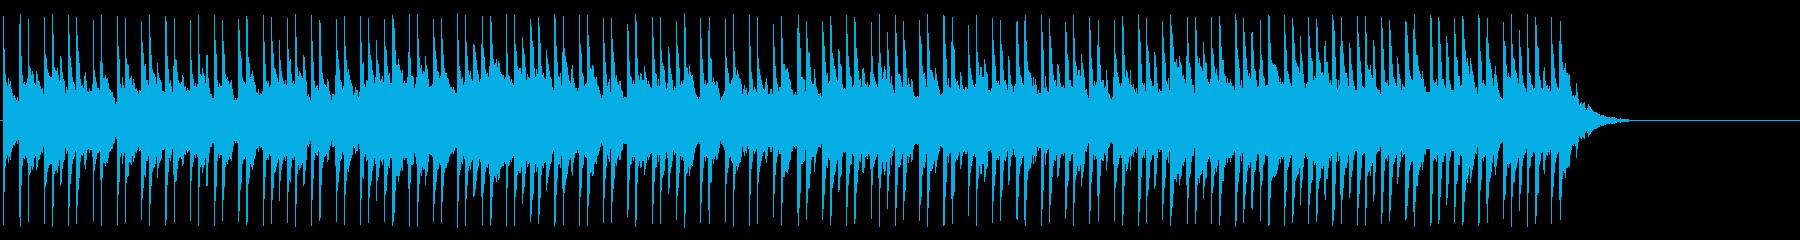 スケール感 案内 大空 ゆったりの再生済みの波形